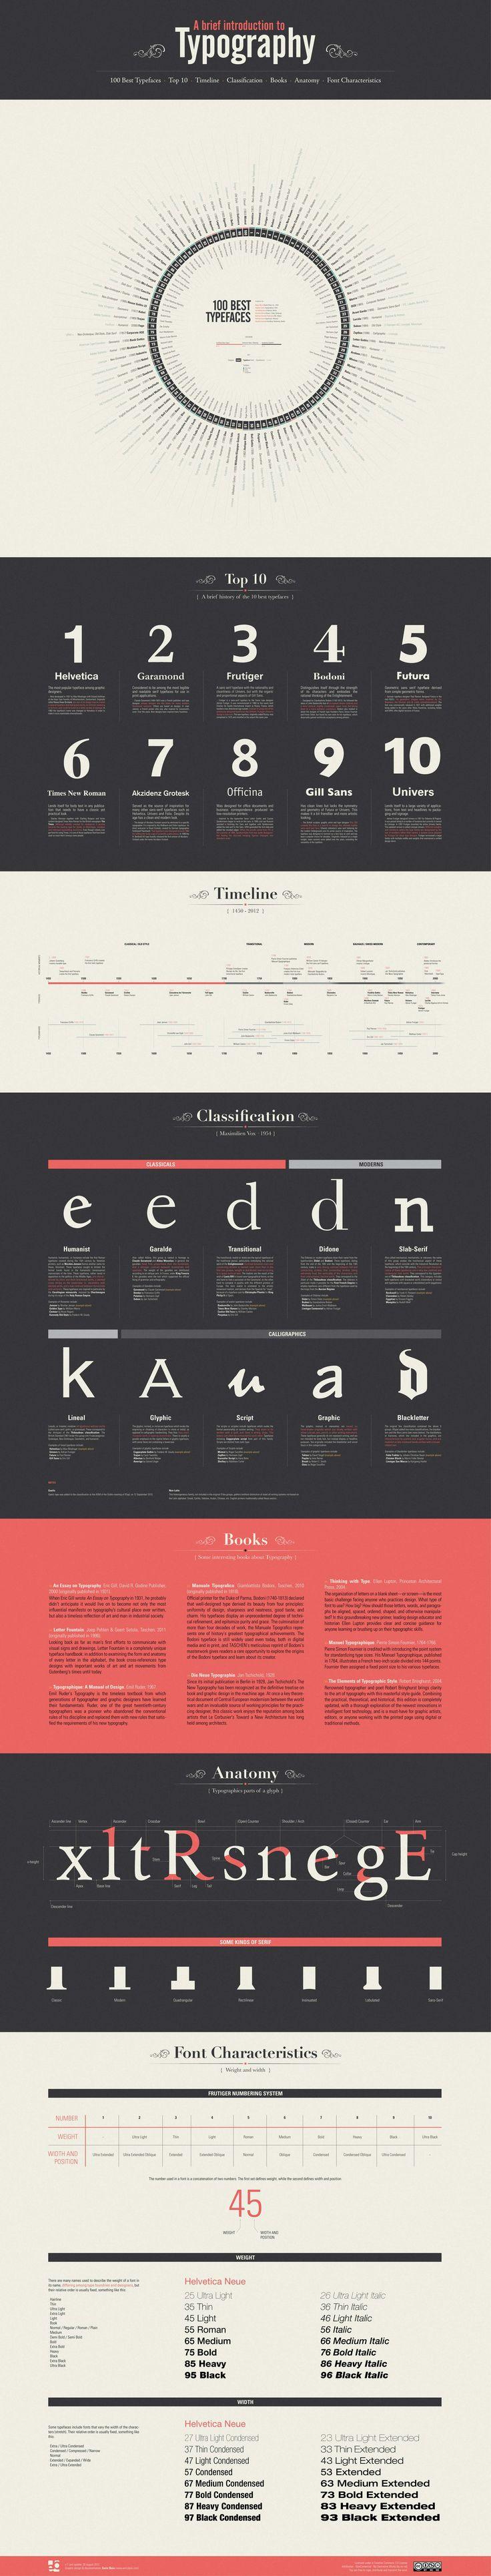 Una breu introducció a la tipografia #infografia #tipografia #typographic